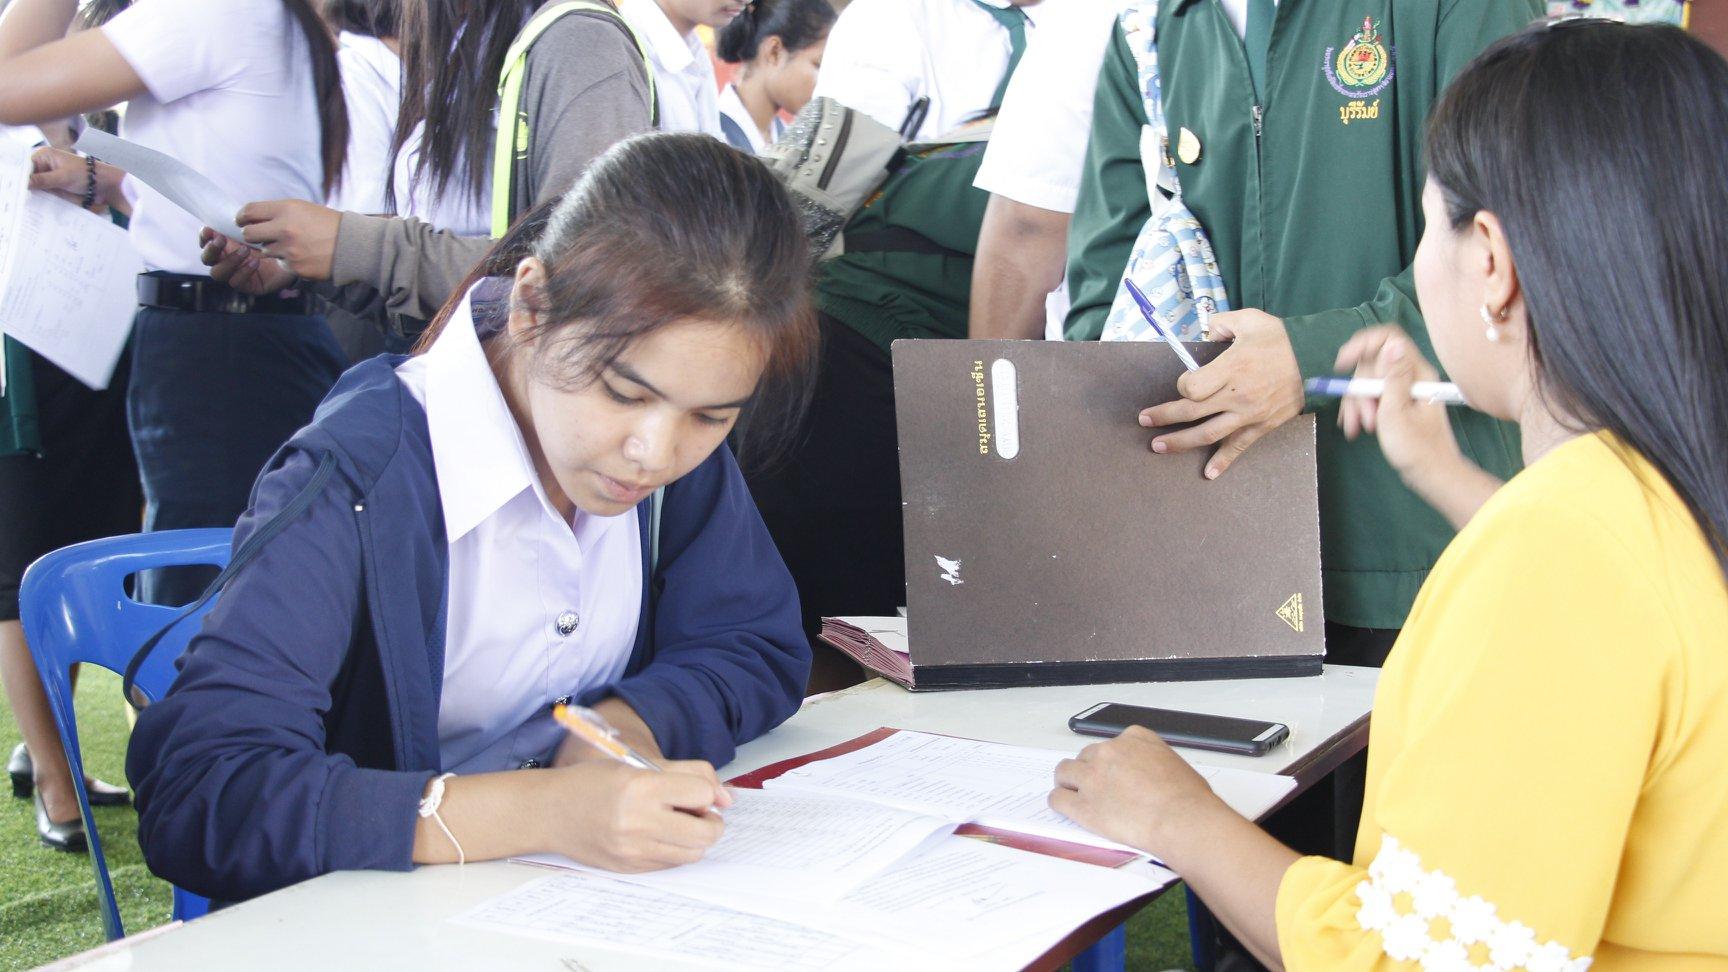 วิทยาลัยเกษตรและเทคโนโลยีบุรีรัมย์ รับลงทะเบียนเรียน และเปิดภาคเรียนที่ 1 ประจำปีการศึกษา 2562